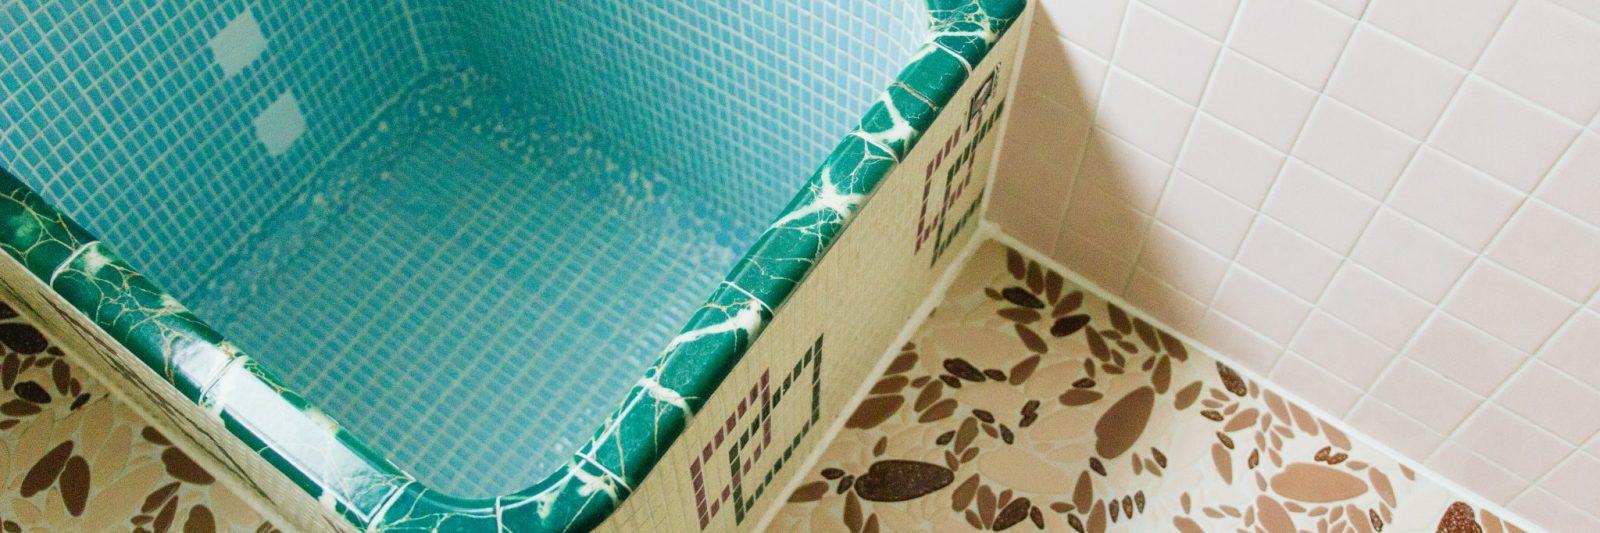 Showa Style retro bathtub at Coya Cottage